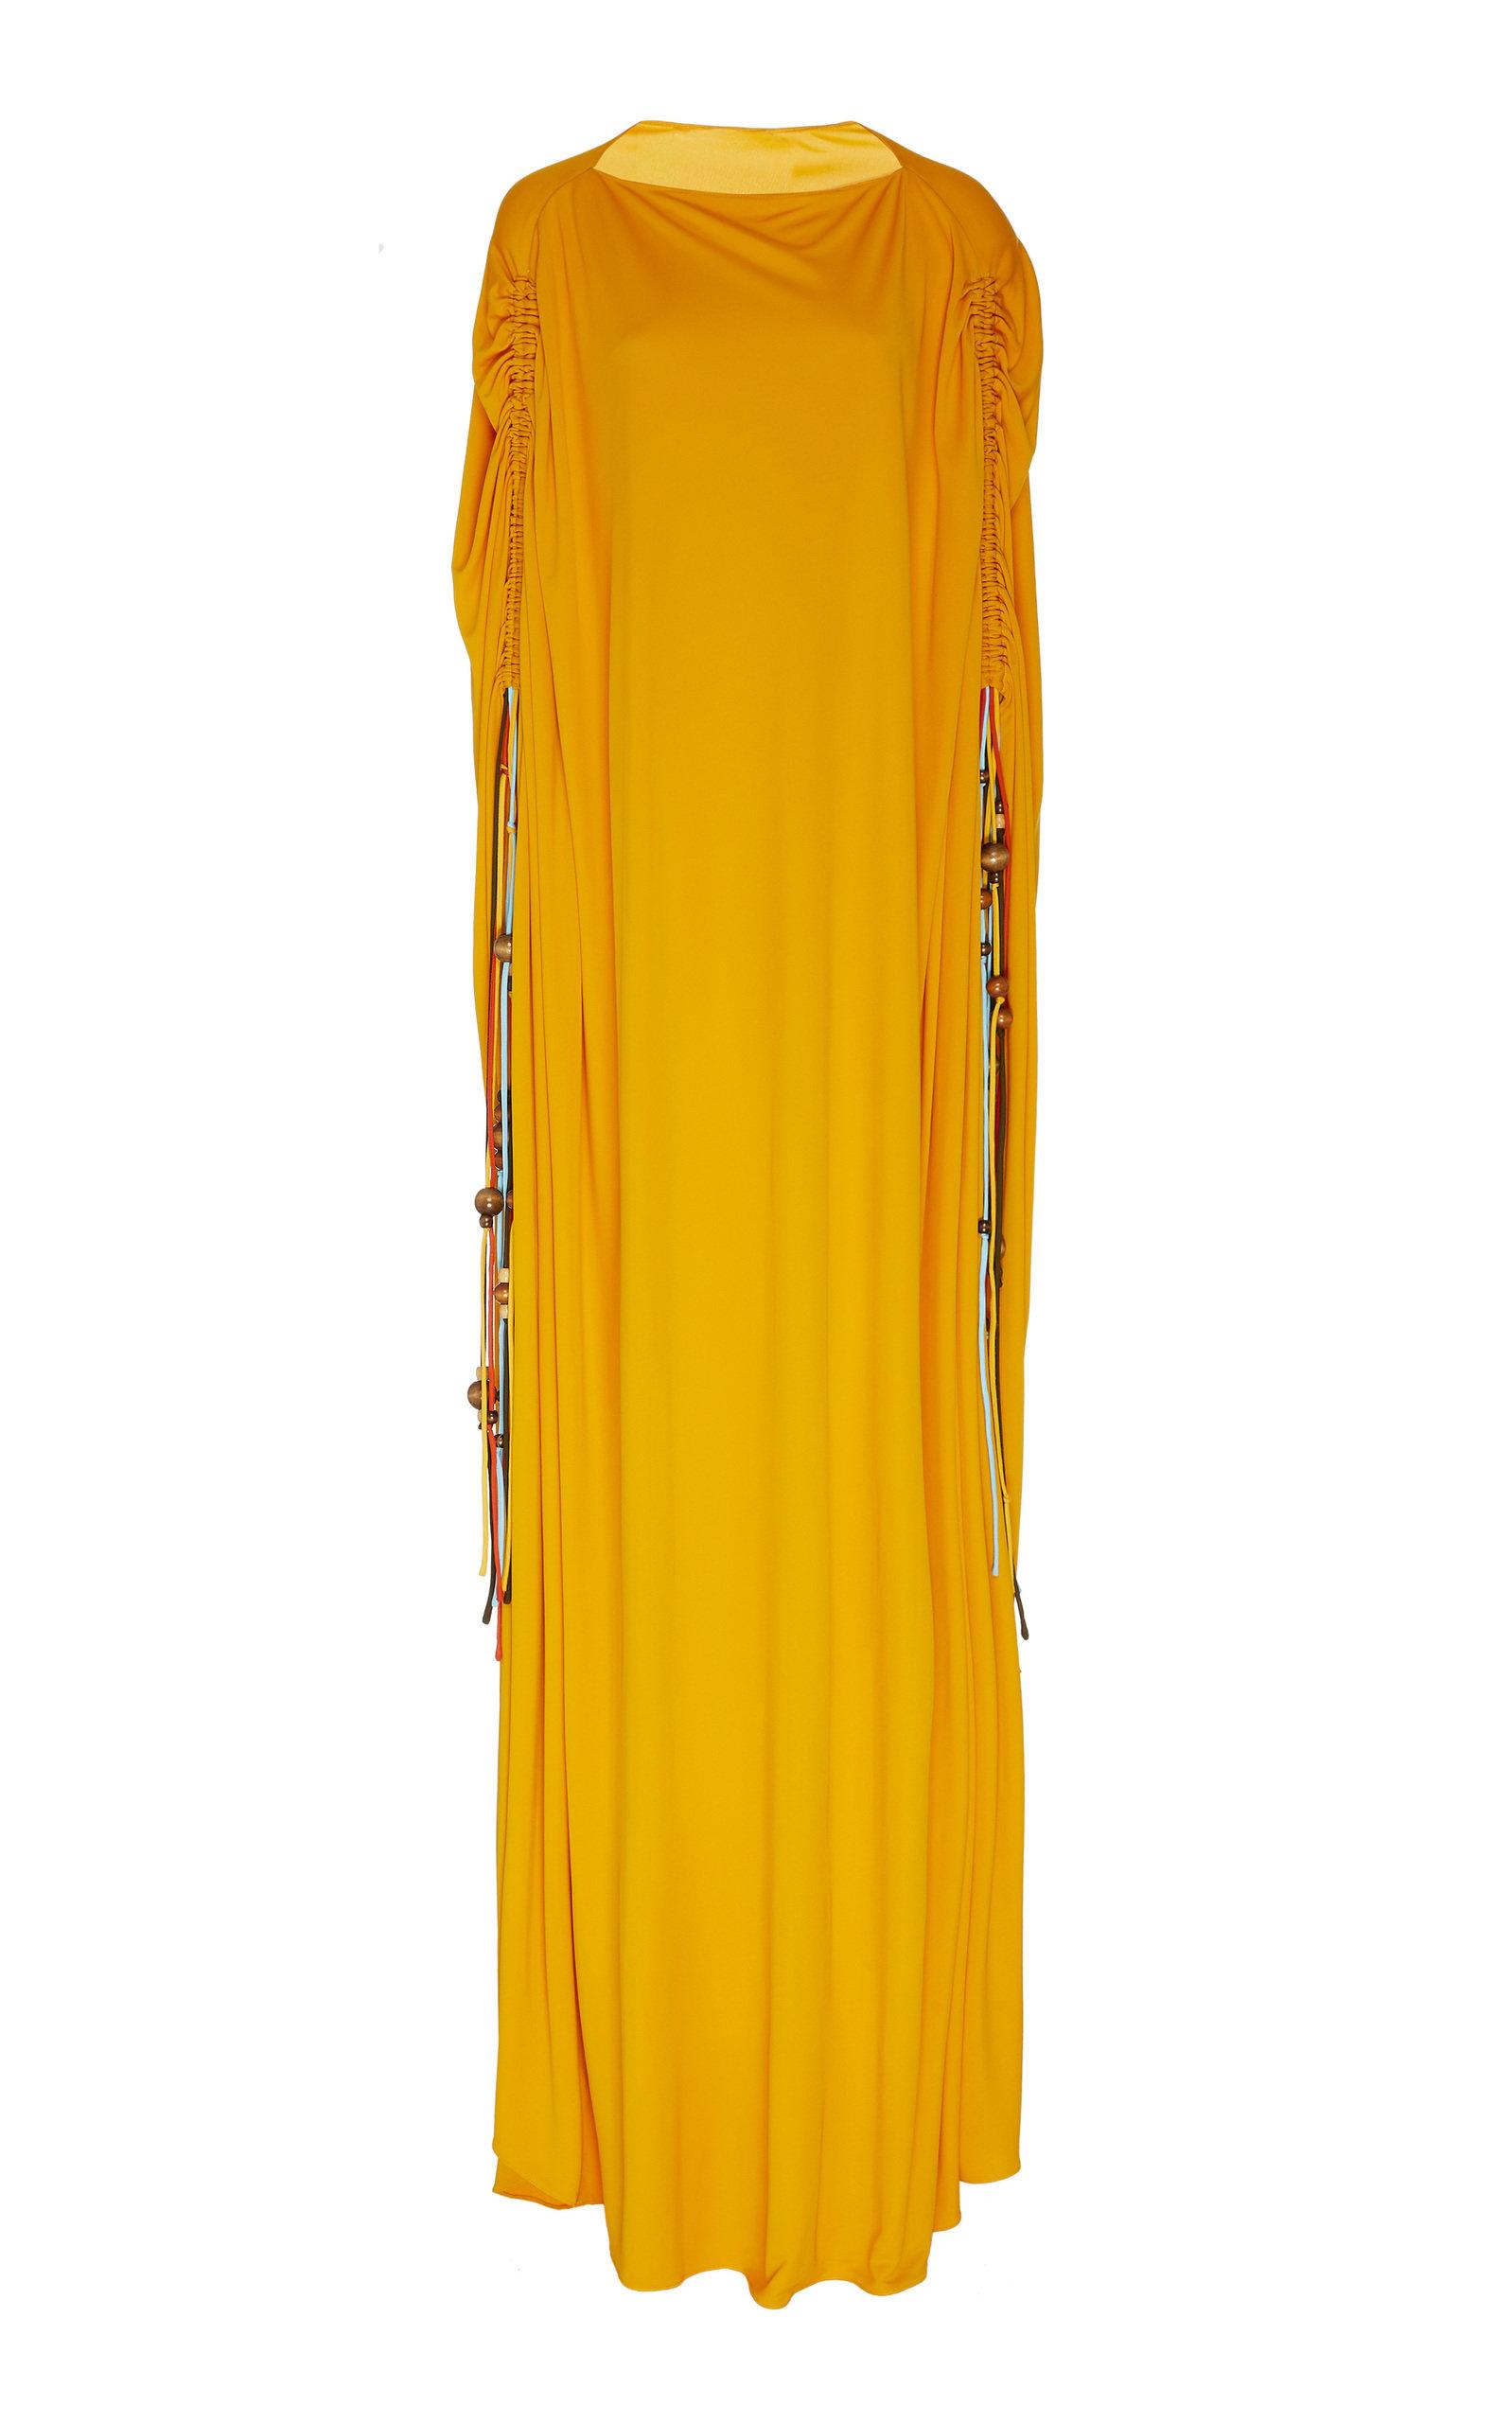 Buy Oscar de la Renta Draped Georgette Caftan online, shop Oscar de la Renta at the best price